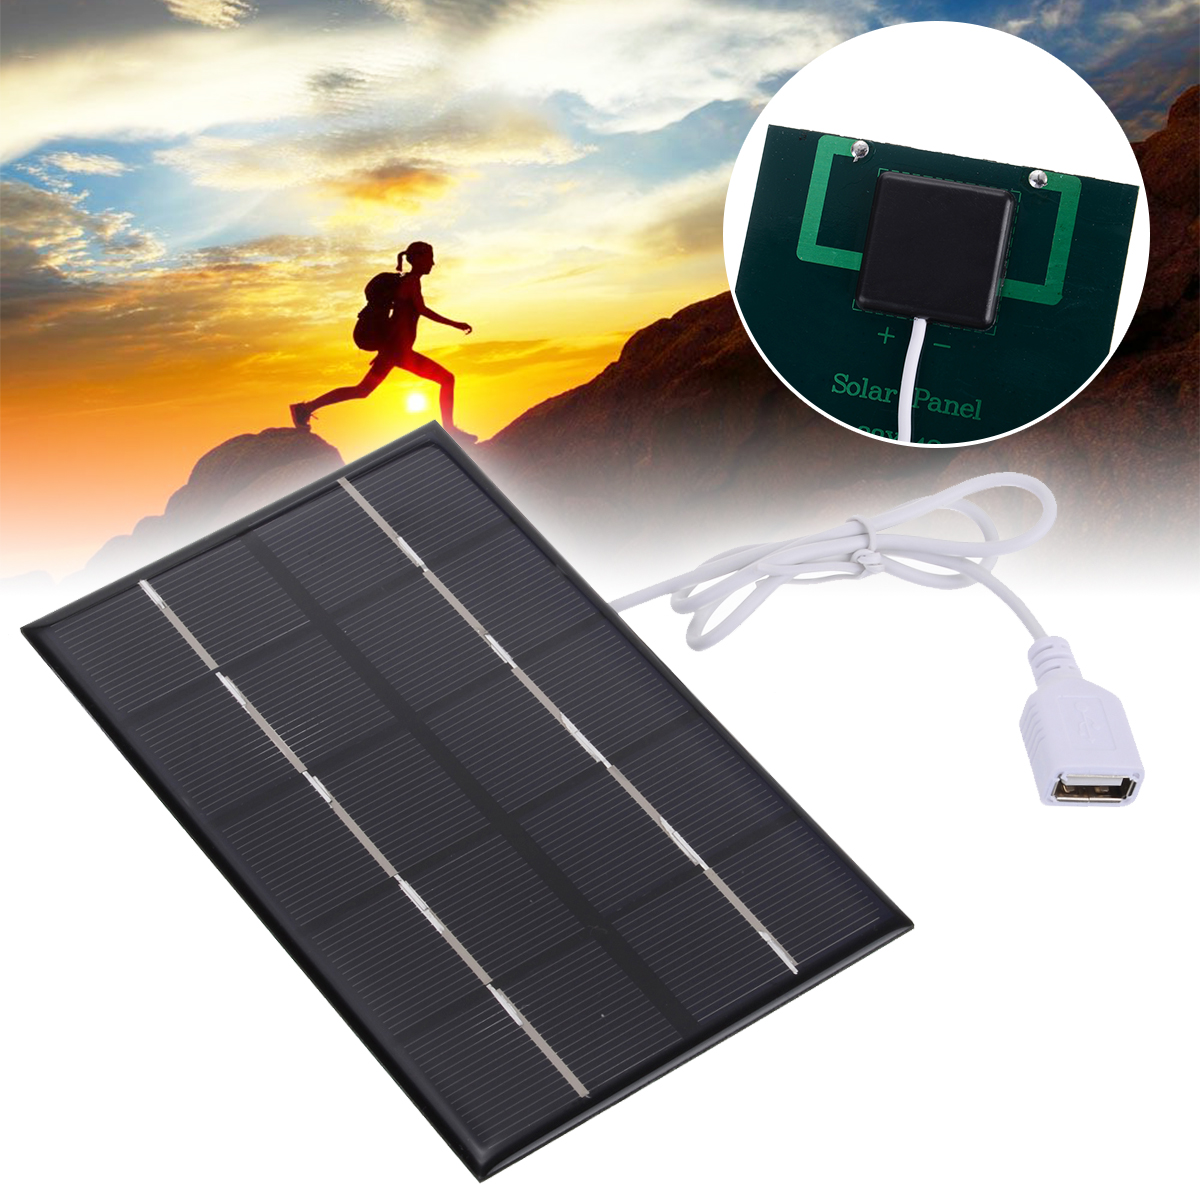 1 pces 5 w 5 v usb painel solar carregador portatil usb2 0 paineis solares para